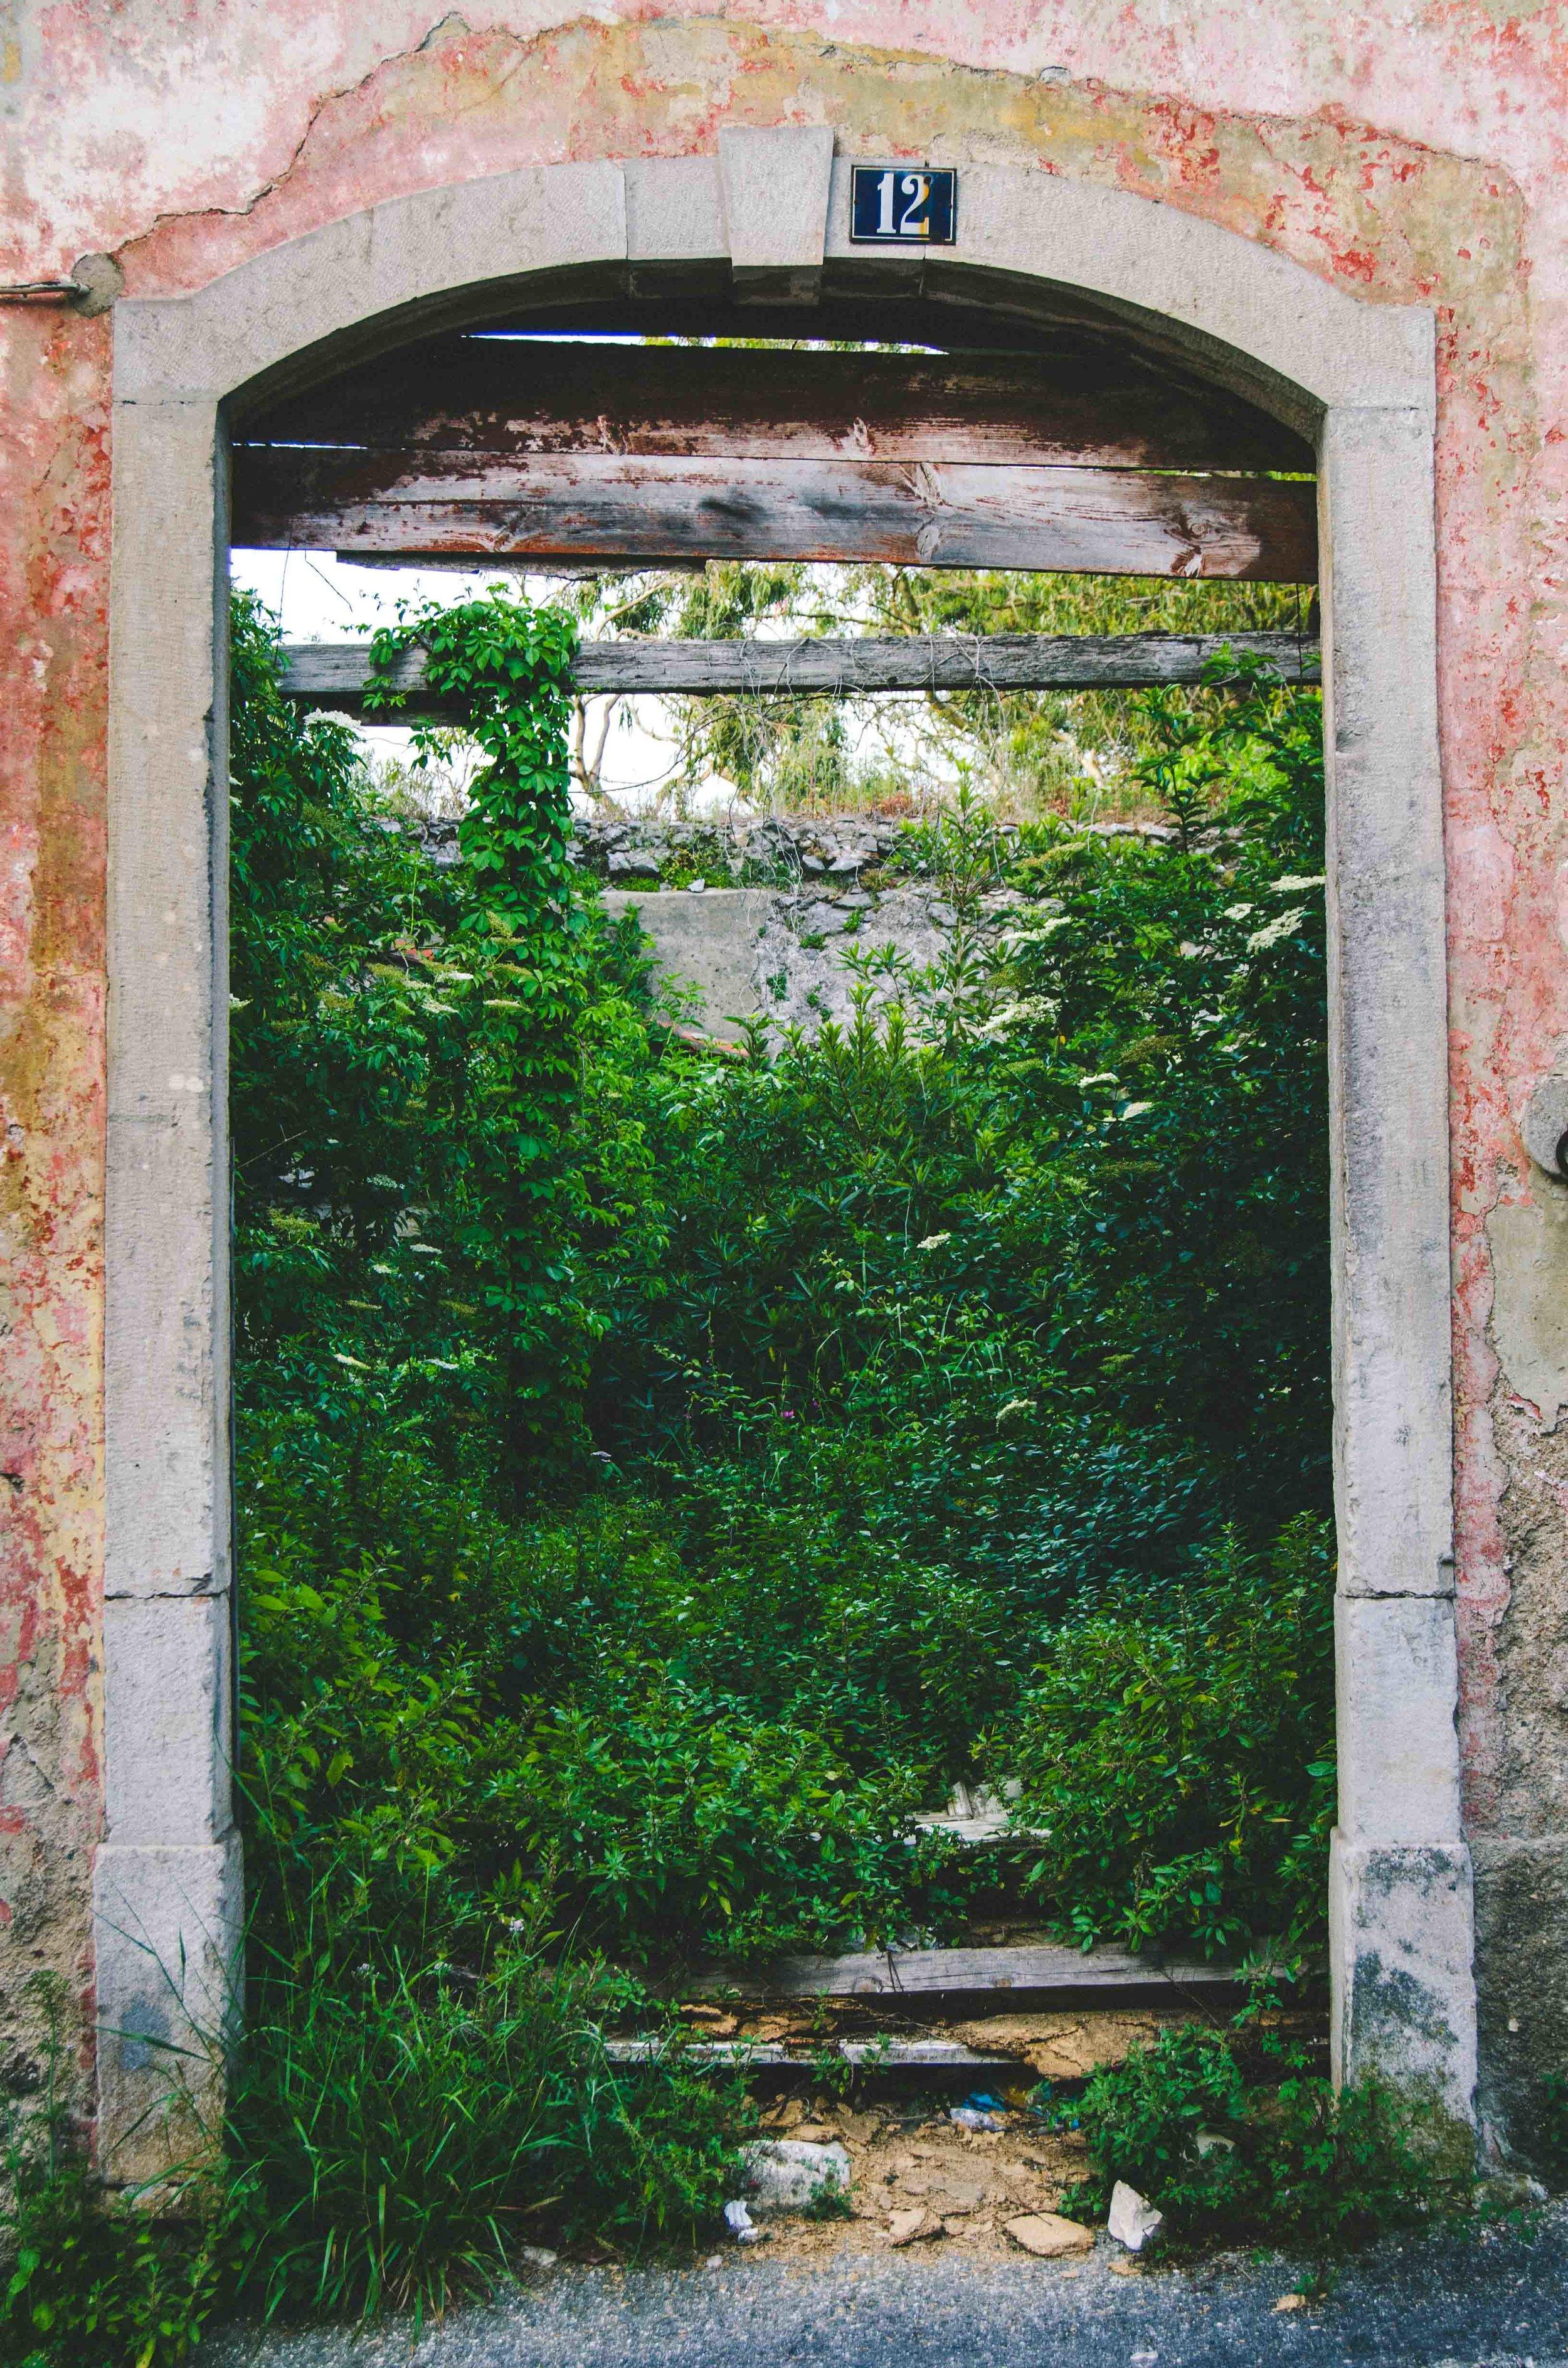 schoenmaker_portugalblog-32.jpg